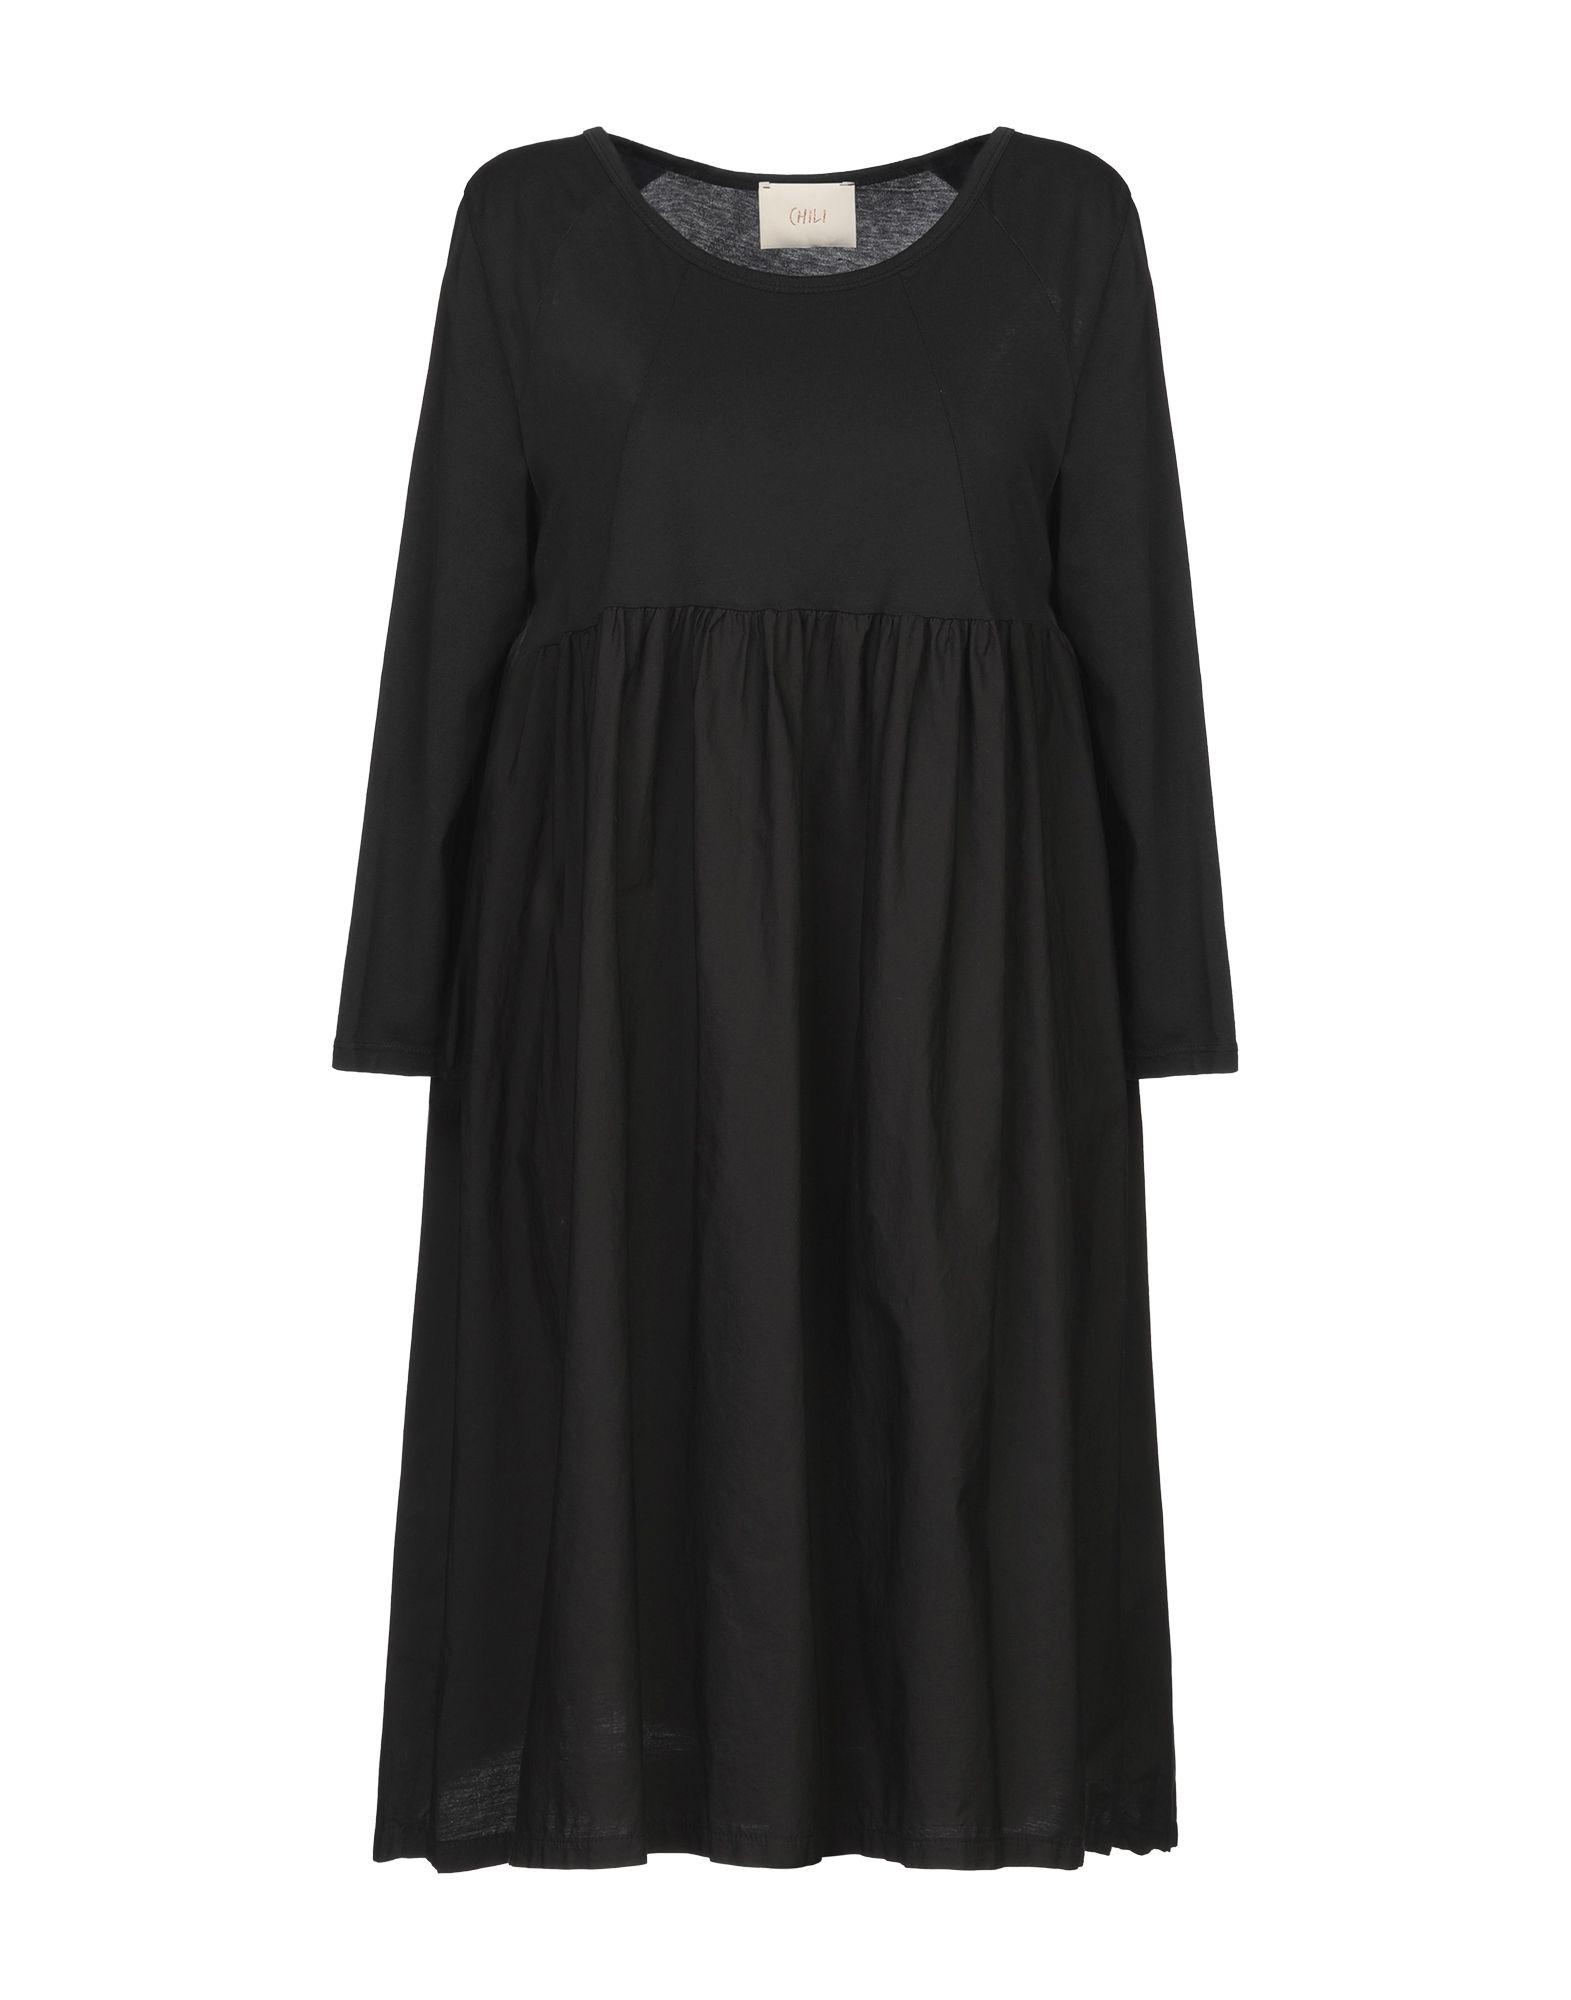 CHILI Короткое платье